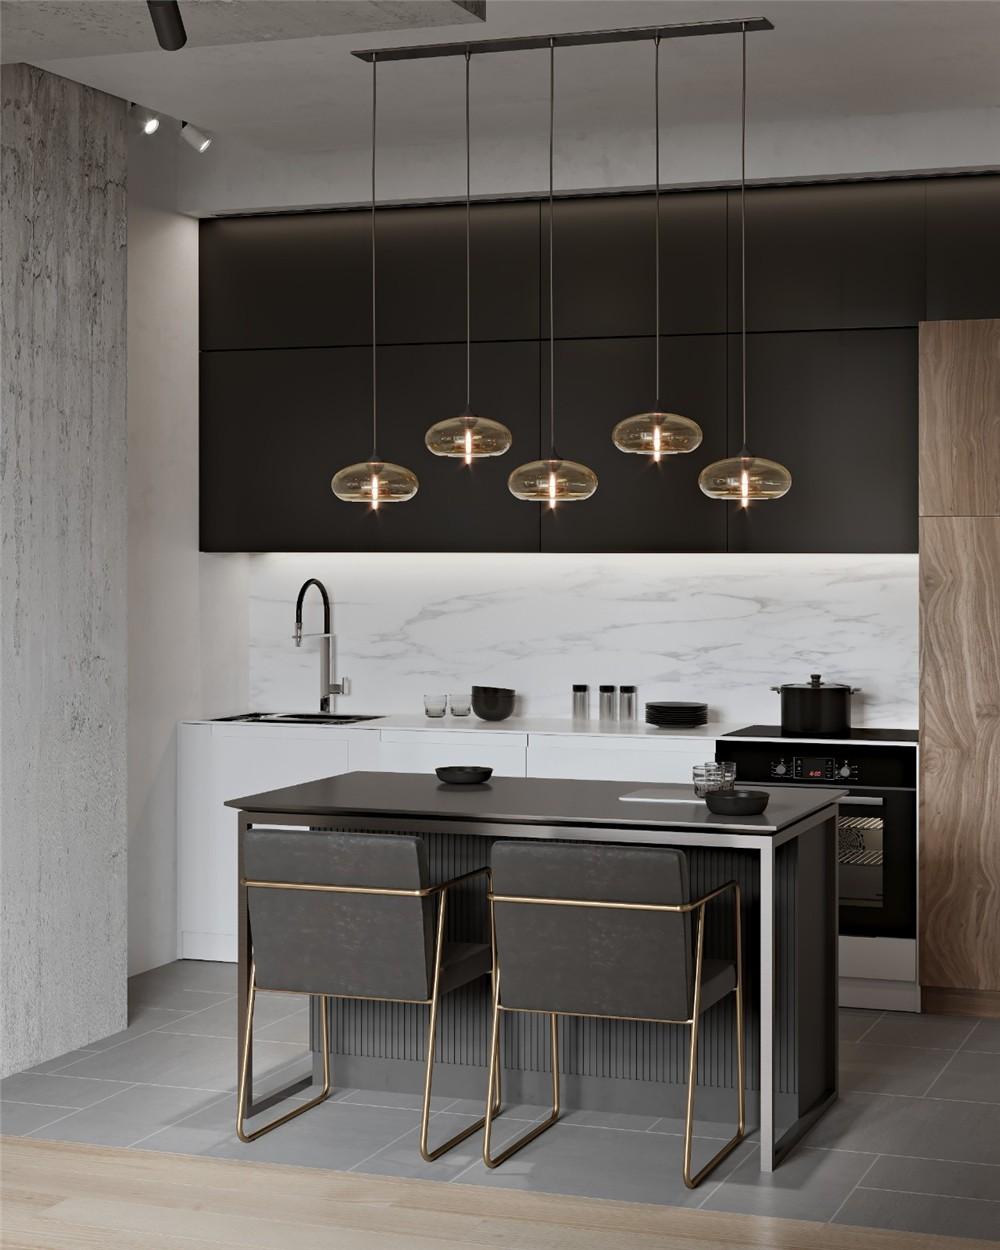 2021现代餐厅效果图 2021现代灯具设计图片